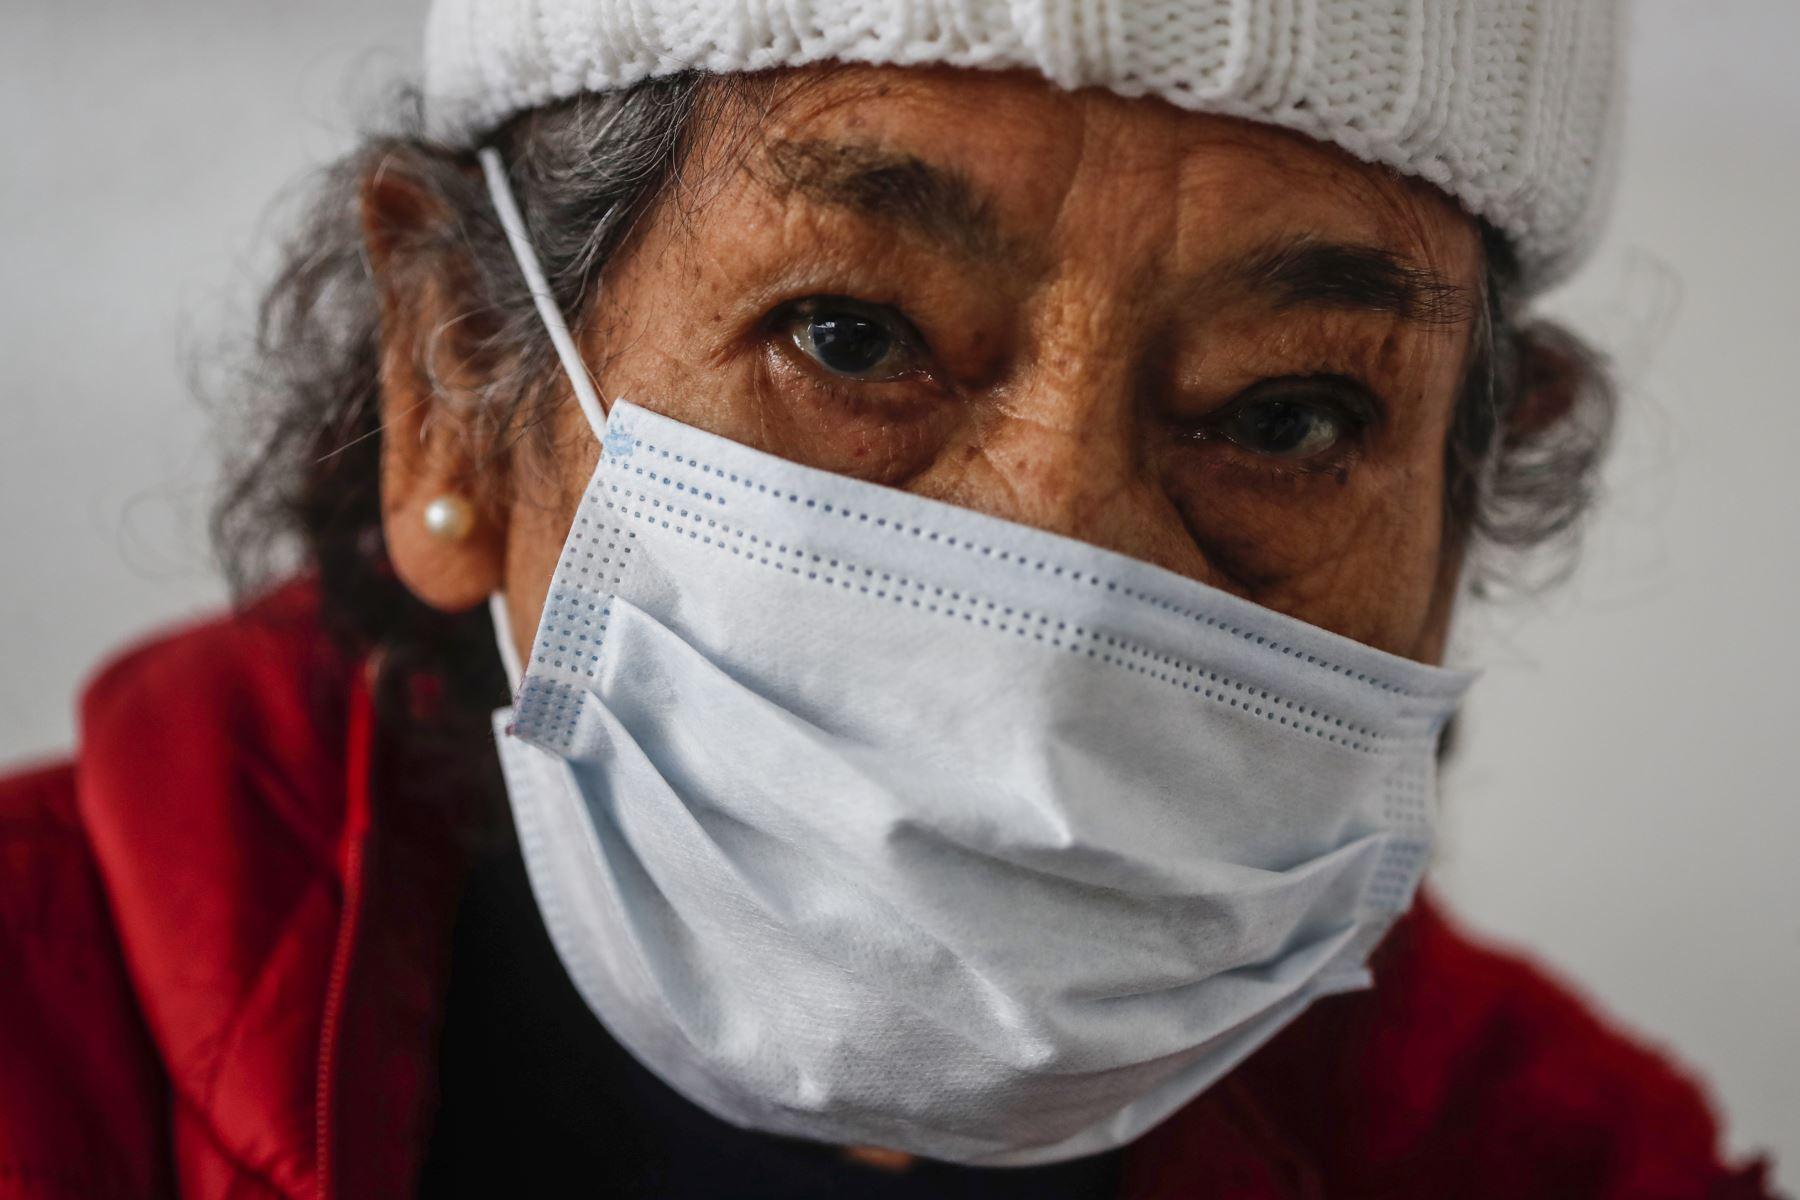 Según los reportes de la OMS uno de cada seis personas mayores de 60 años ha sufrido algún tipo de abuso en sus entornos comunitarios y aumentará debido al envejecimiento de la población en todo el mundo que se proyecta a 2000 millones en el 2050. ANDINA/Renato Pajuelo